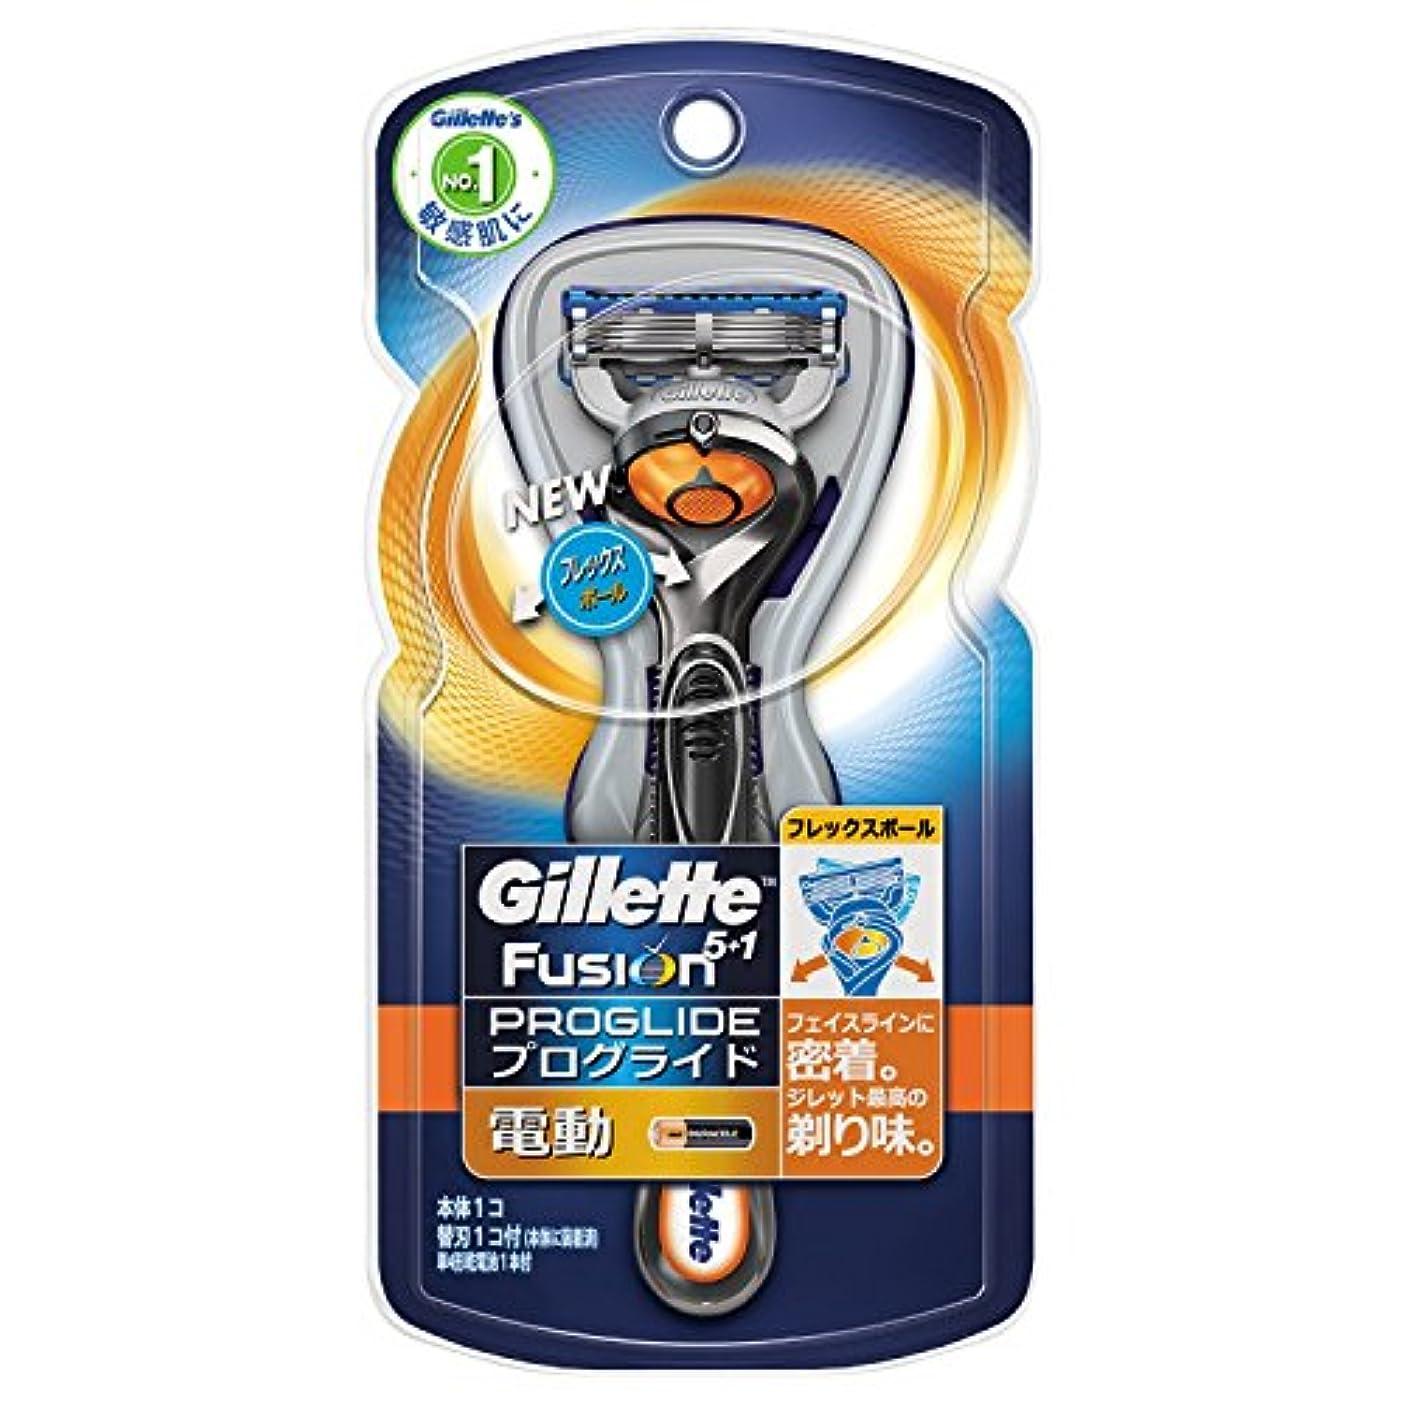 ジレット プログライド フレックスボール パワー ホルダー 替刃1個付 (7702018353231)×36点セット